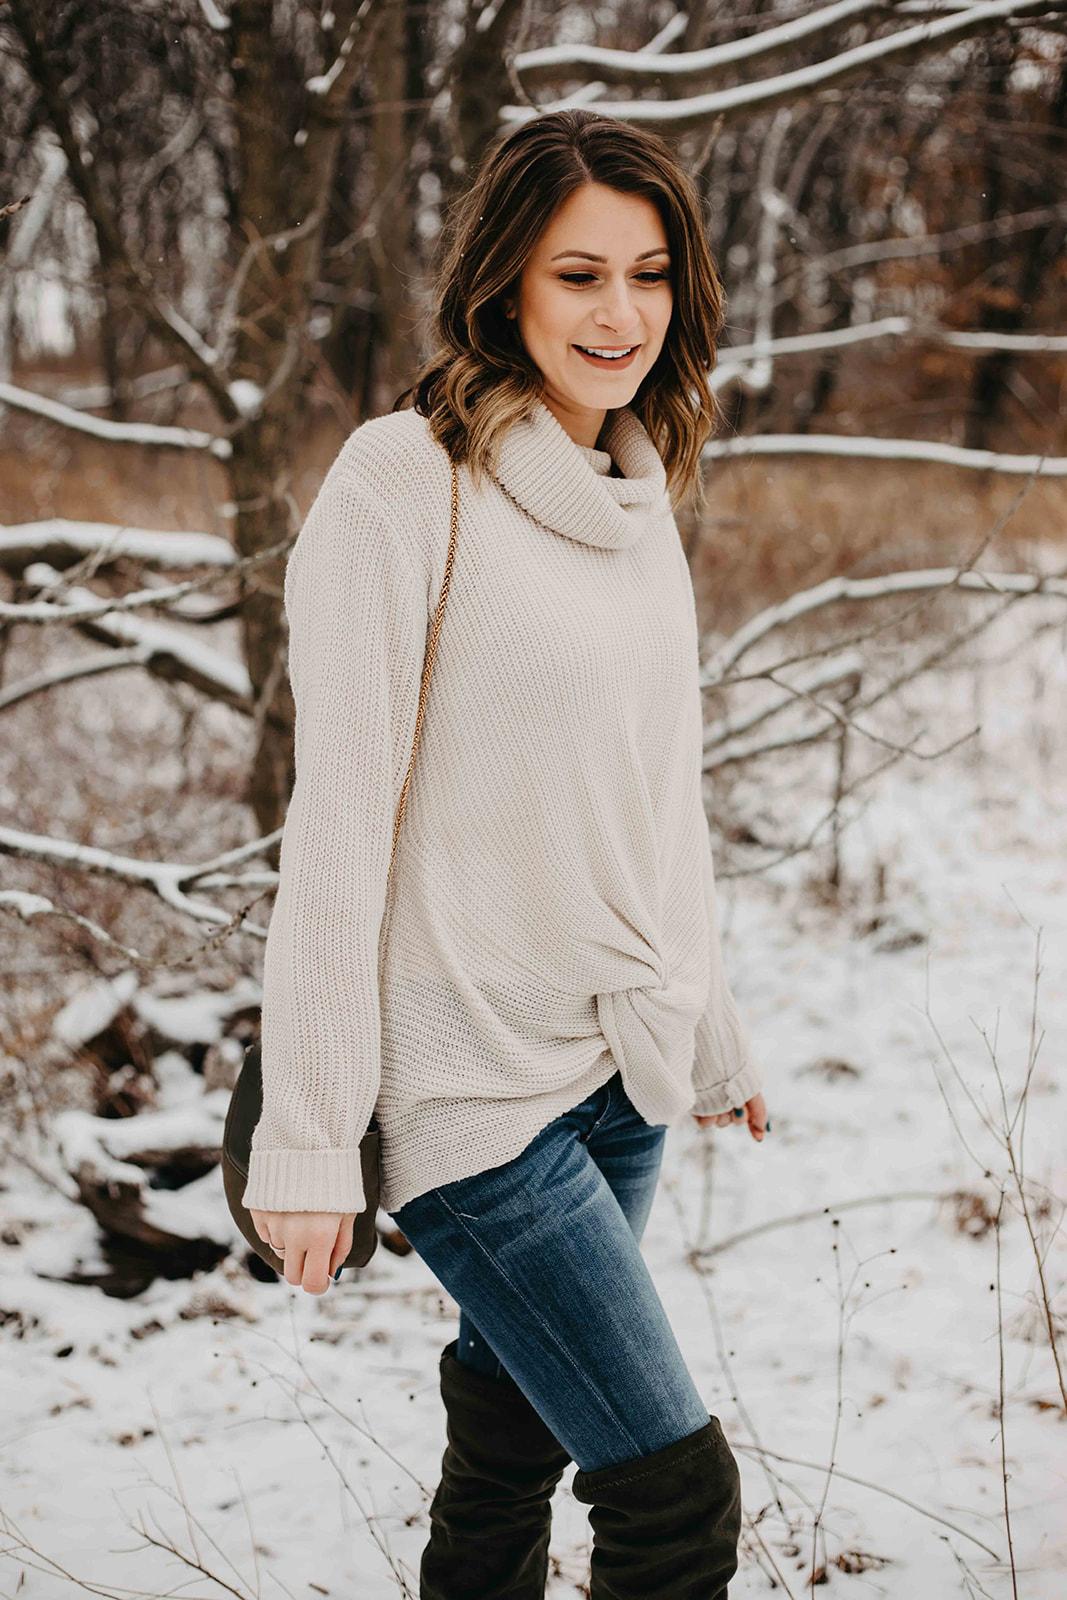 Winter Wearables // Turtleneck Sweaters